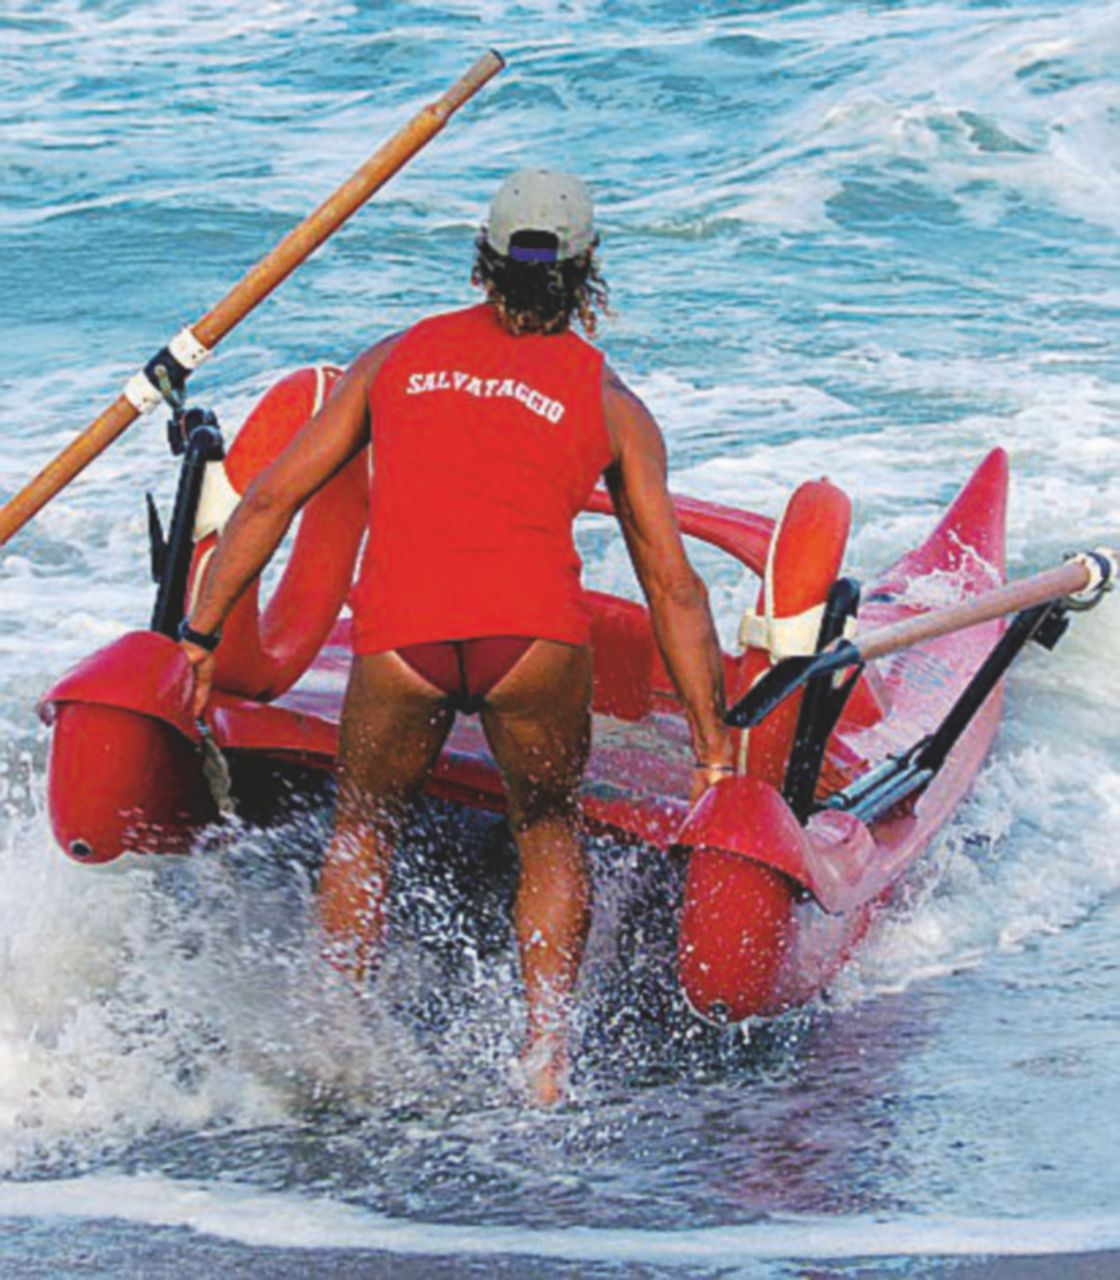 Bagnini siciliani in spiaggia. E il consigliere leghista protesta